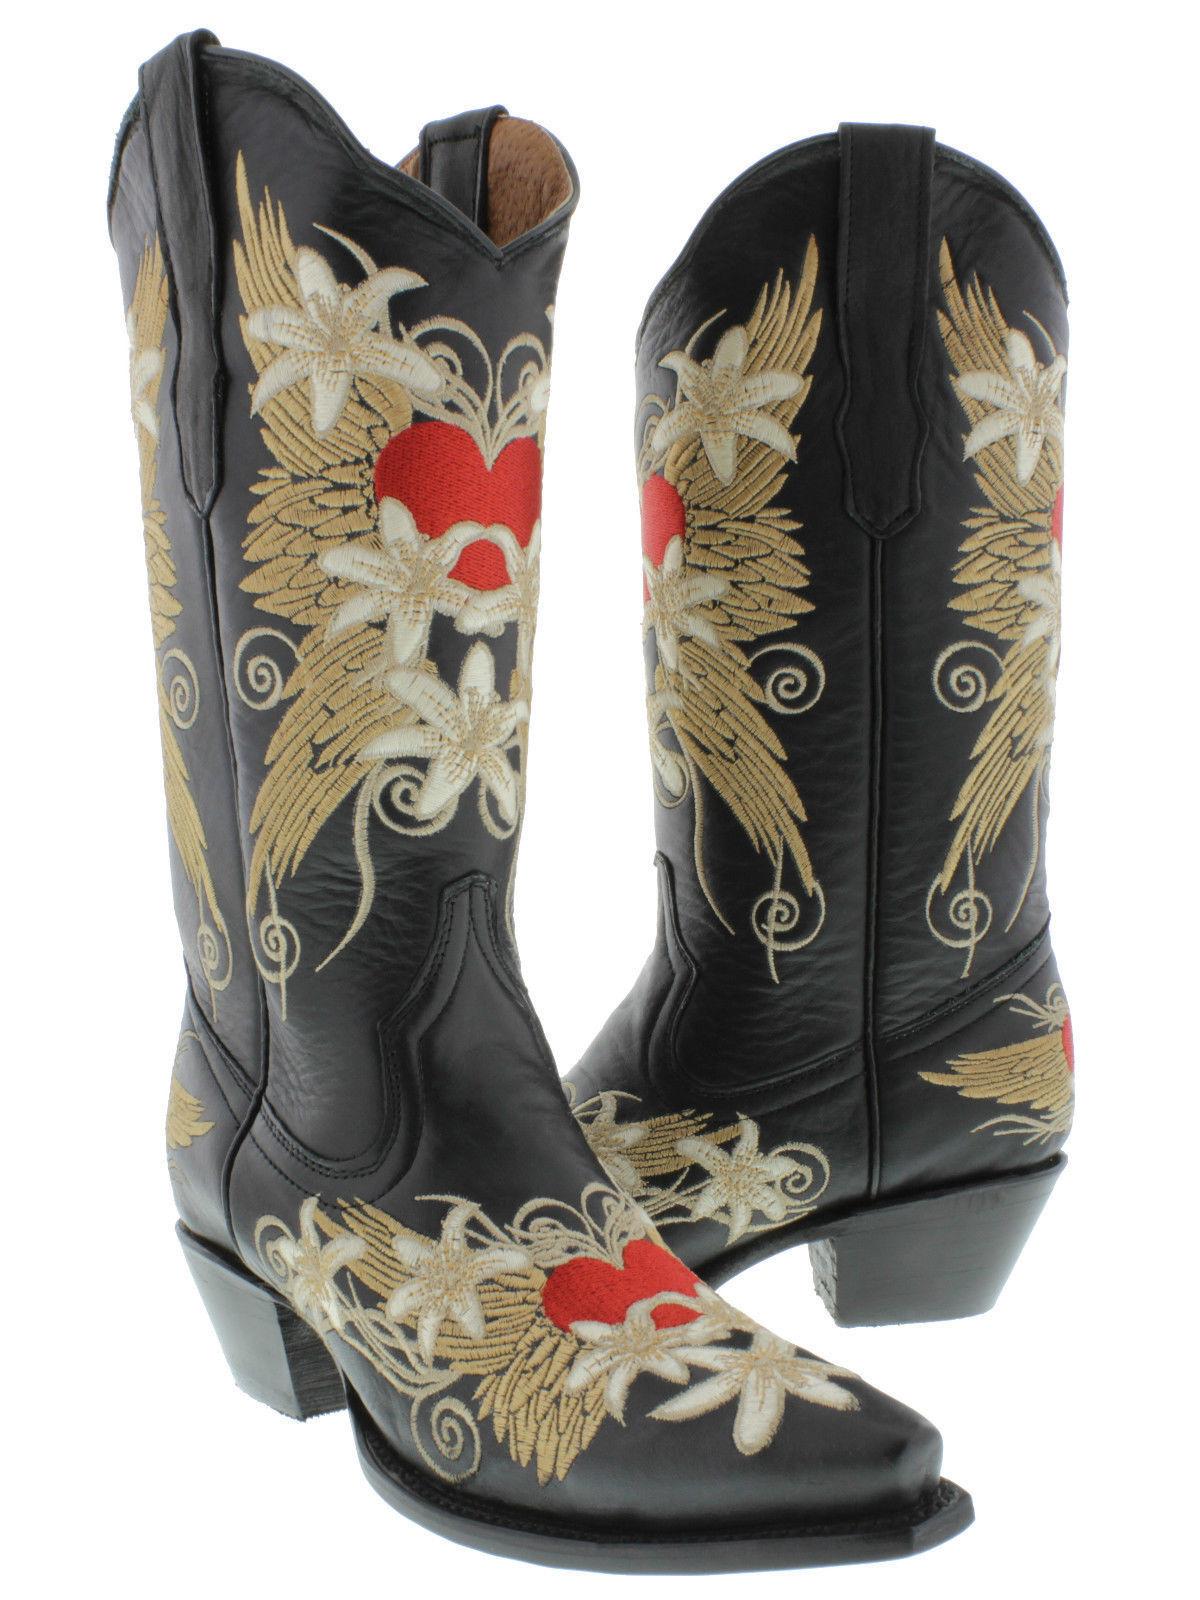 sport dello shopping online donna nero nero nero Wings Heart Embroidered Western Leather Cowgirl stivali Snip Toe  marchio in liquidazione